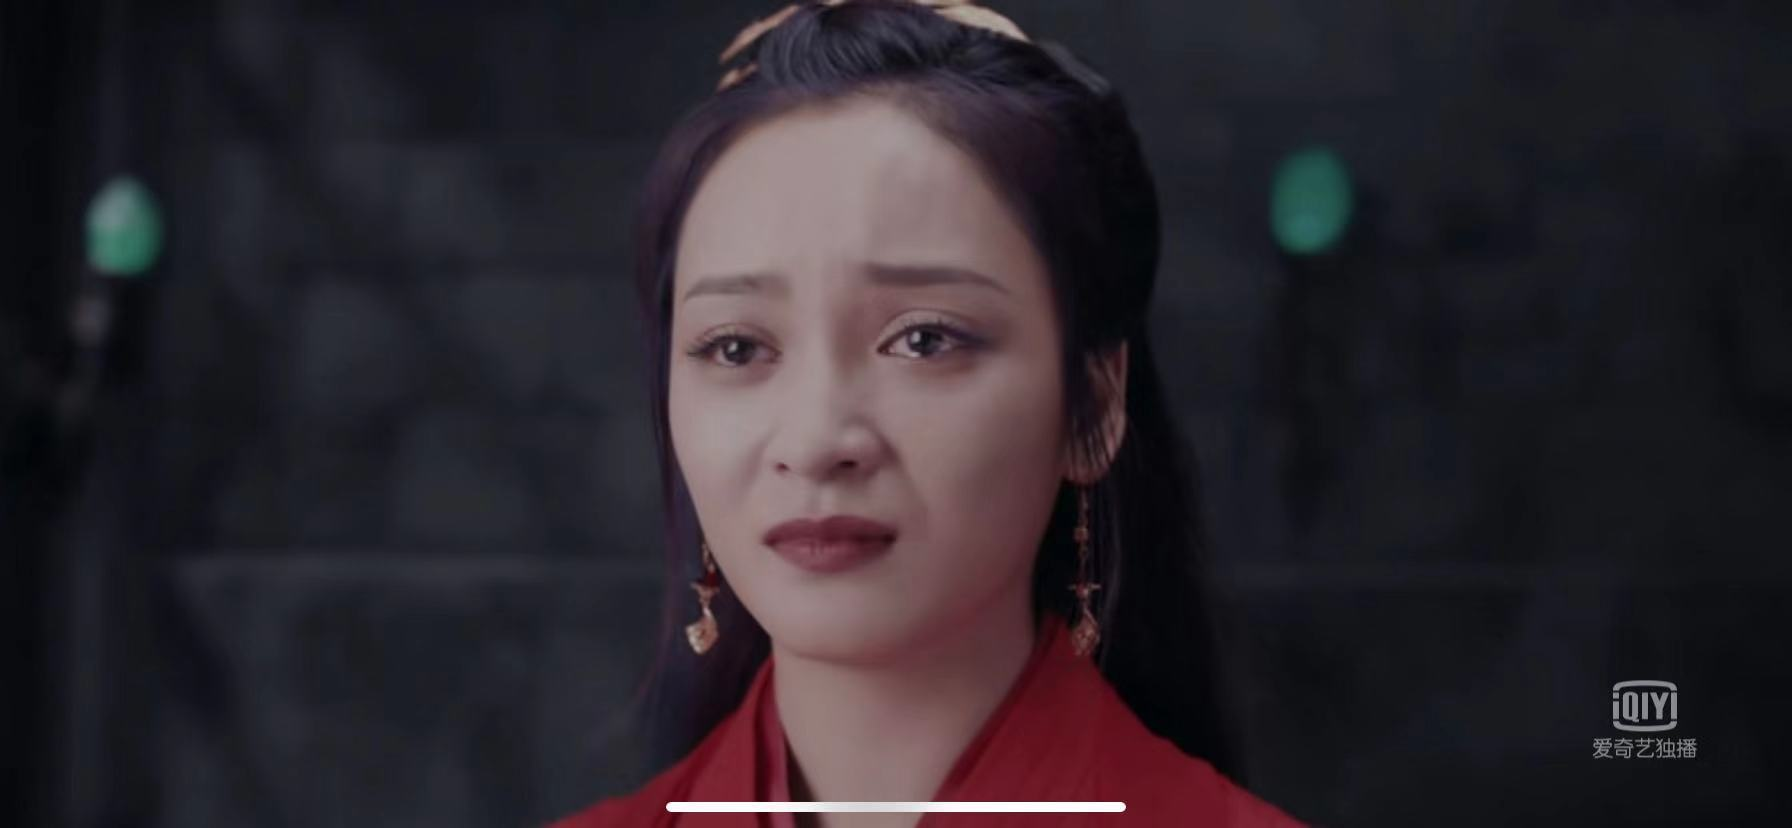 《陈情令之生魂》演员颜值演技在线,剧情反转不断